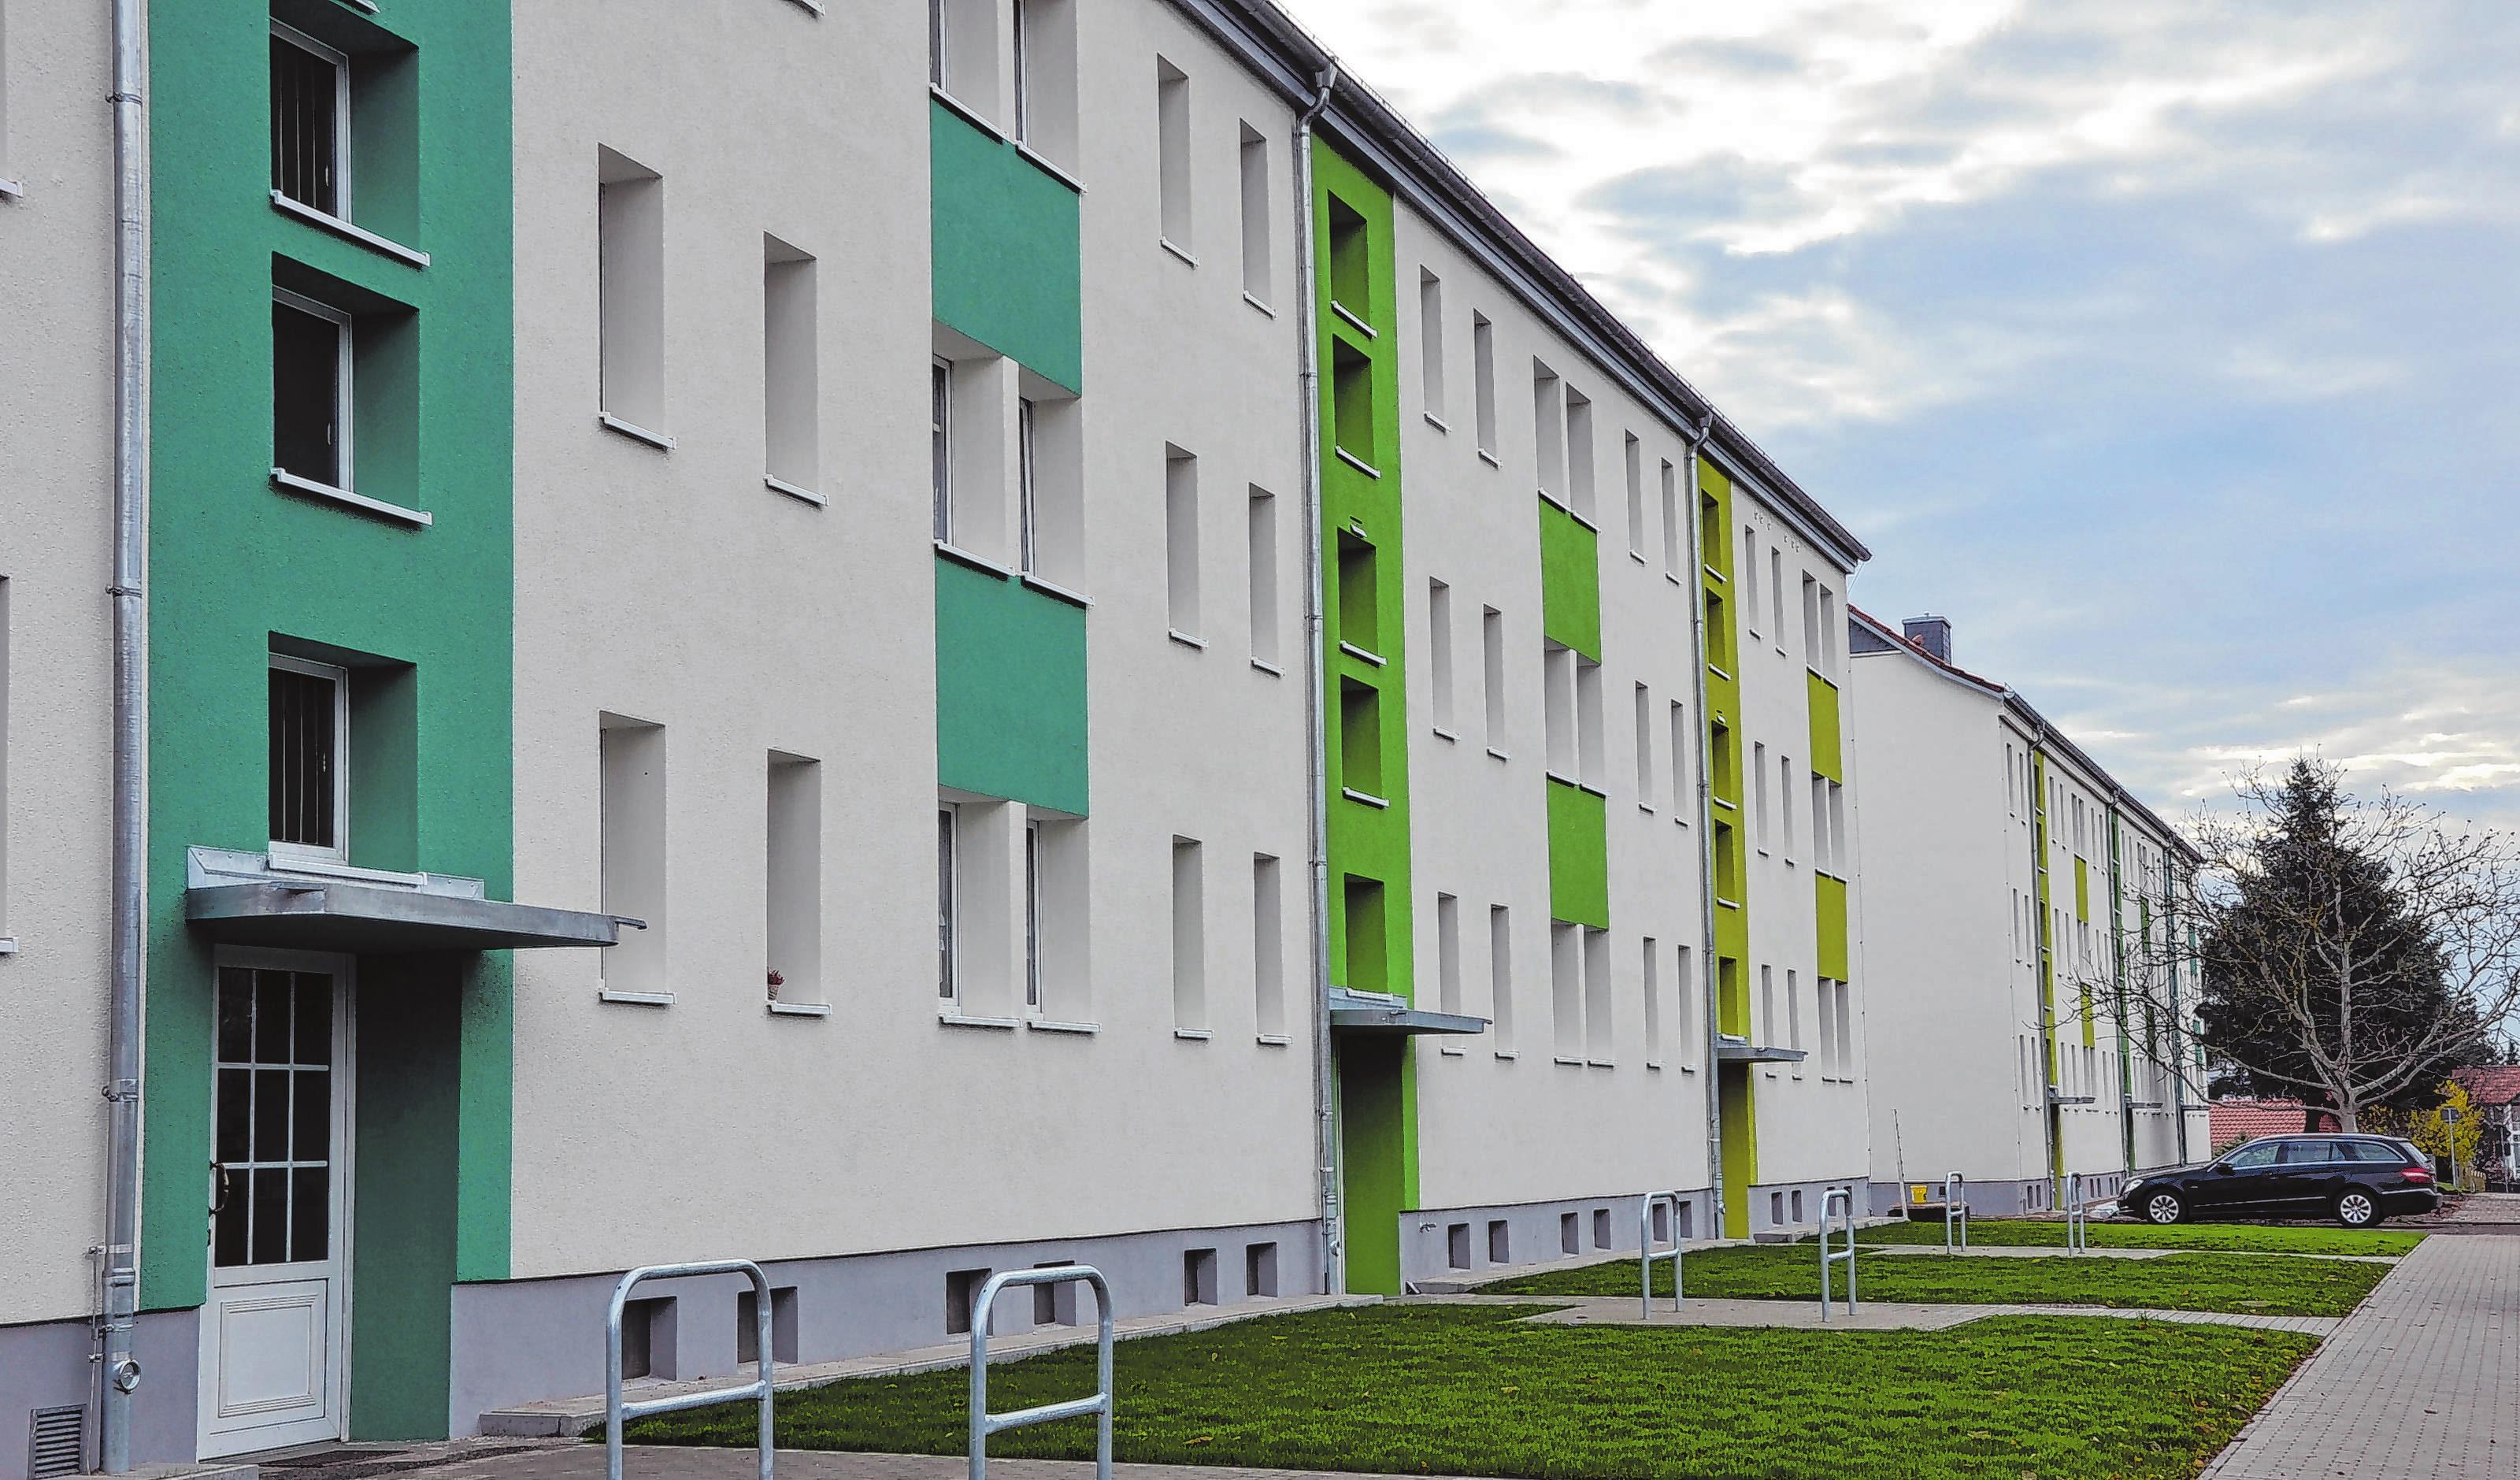 In ganz neuem Antlitz präsentieren sich jetzt die beiden Gebäude in der Buchholzerstraße 6-11 am Ortsausgang von Trebus.